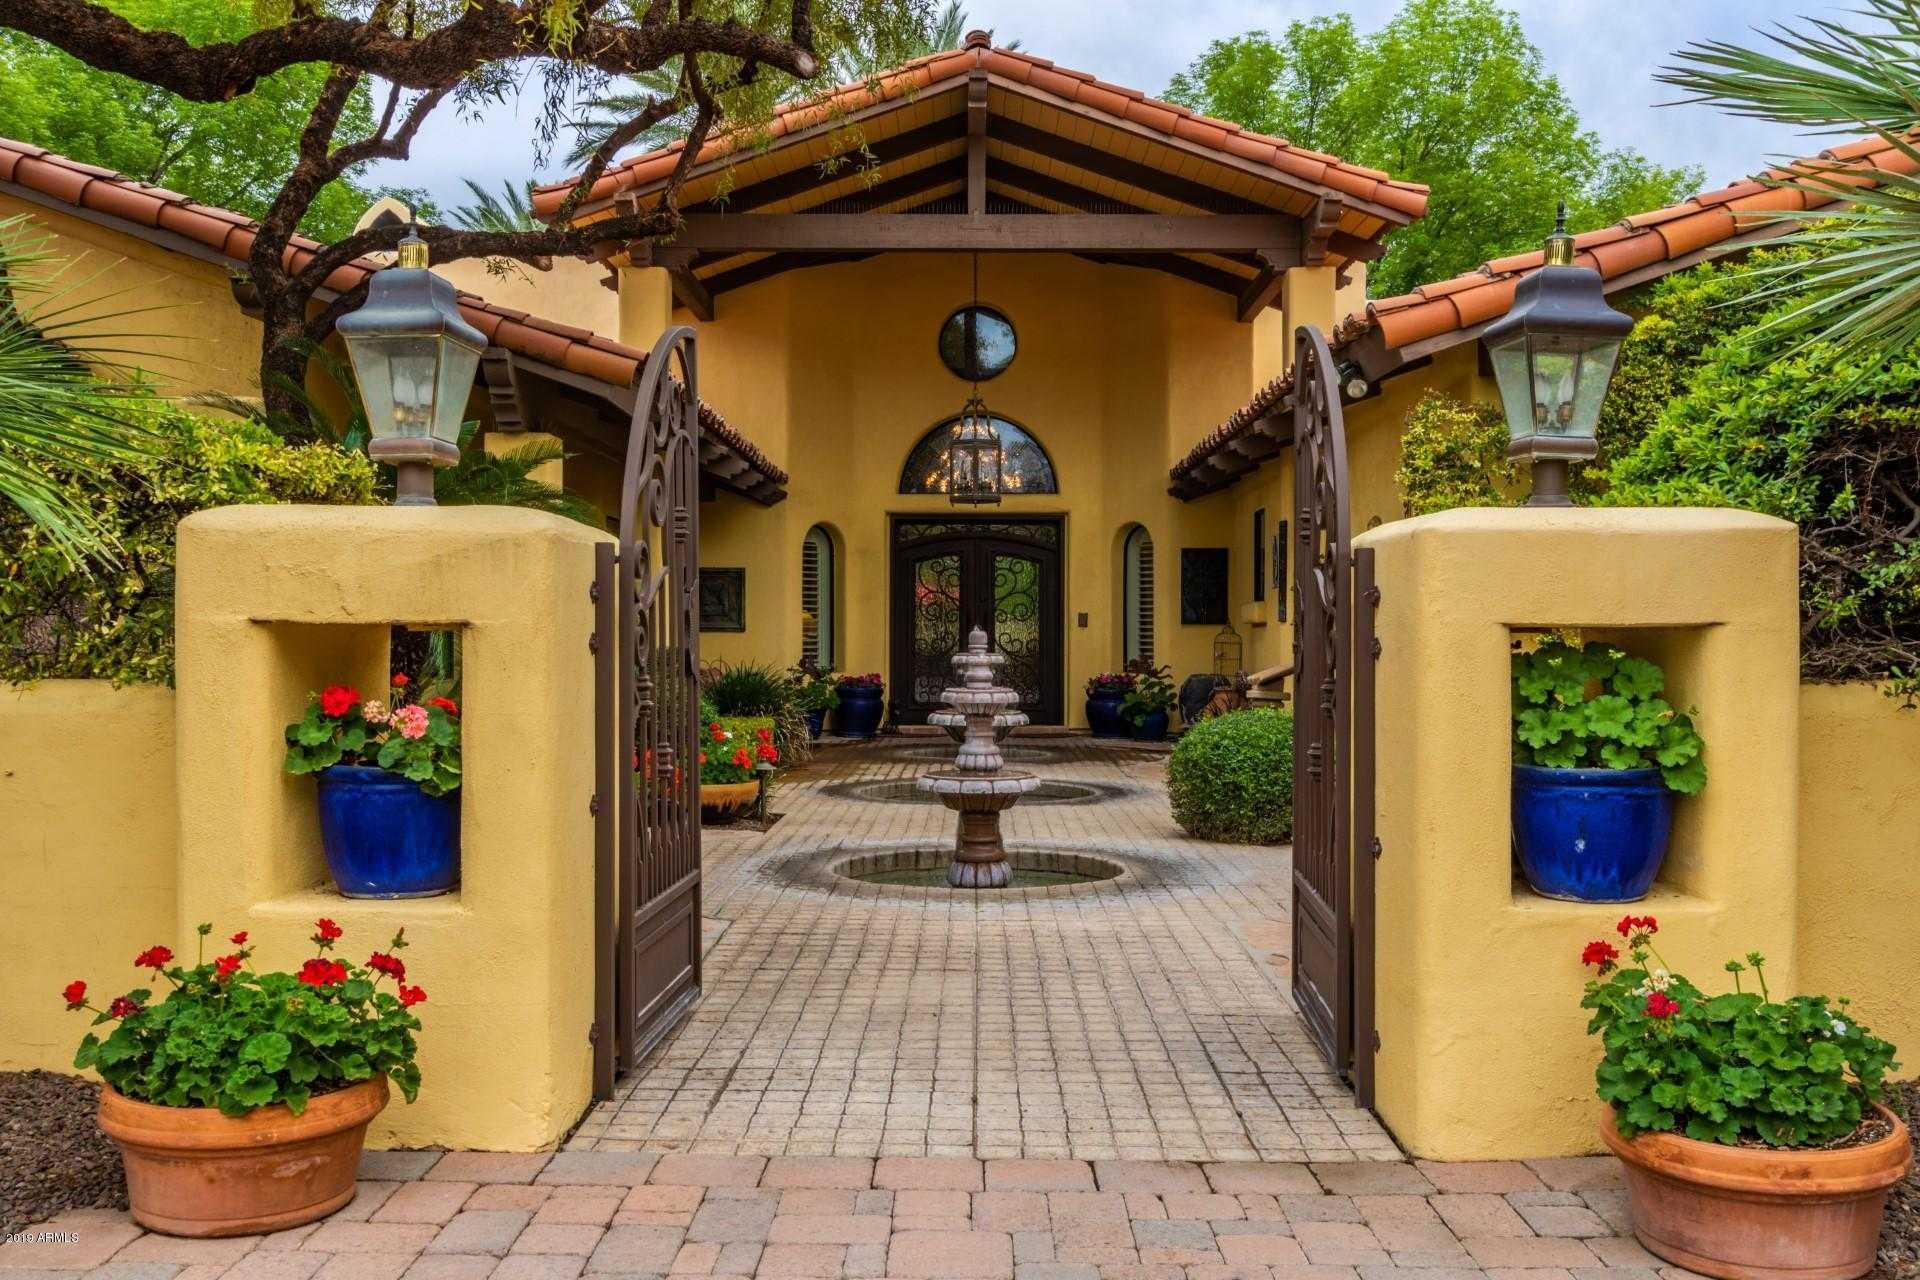 $1,750,000 - 4Br/4Ba - Home for Sale in Brigadoon Estates, Paradise Valley